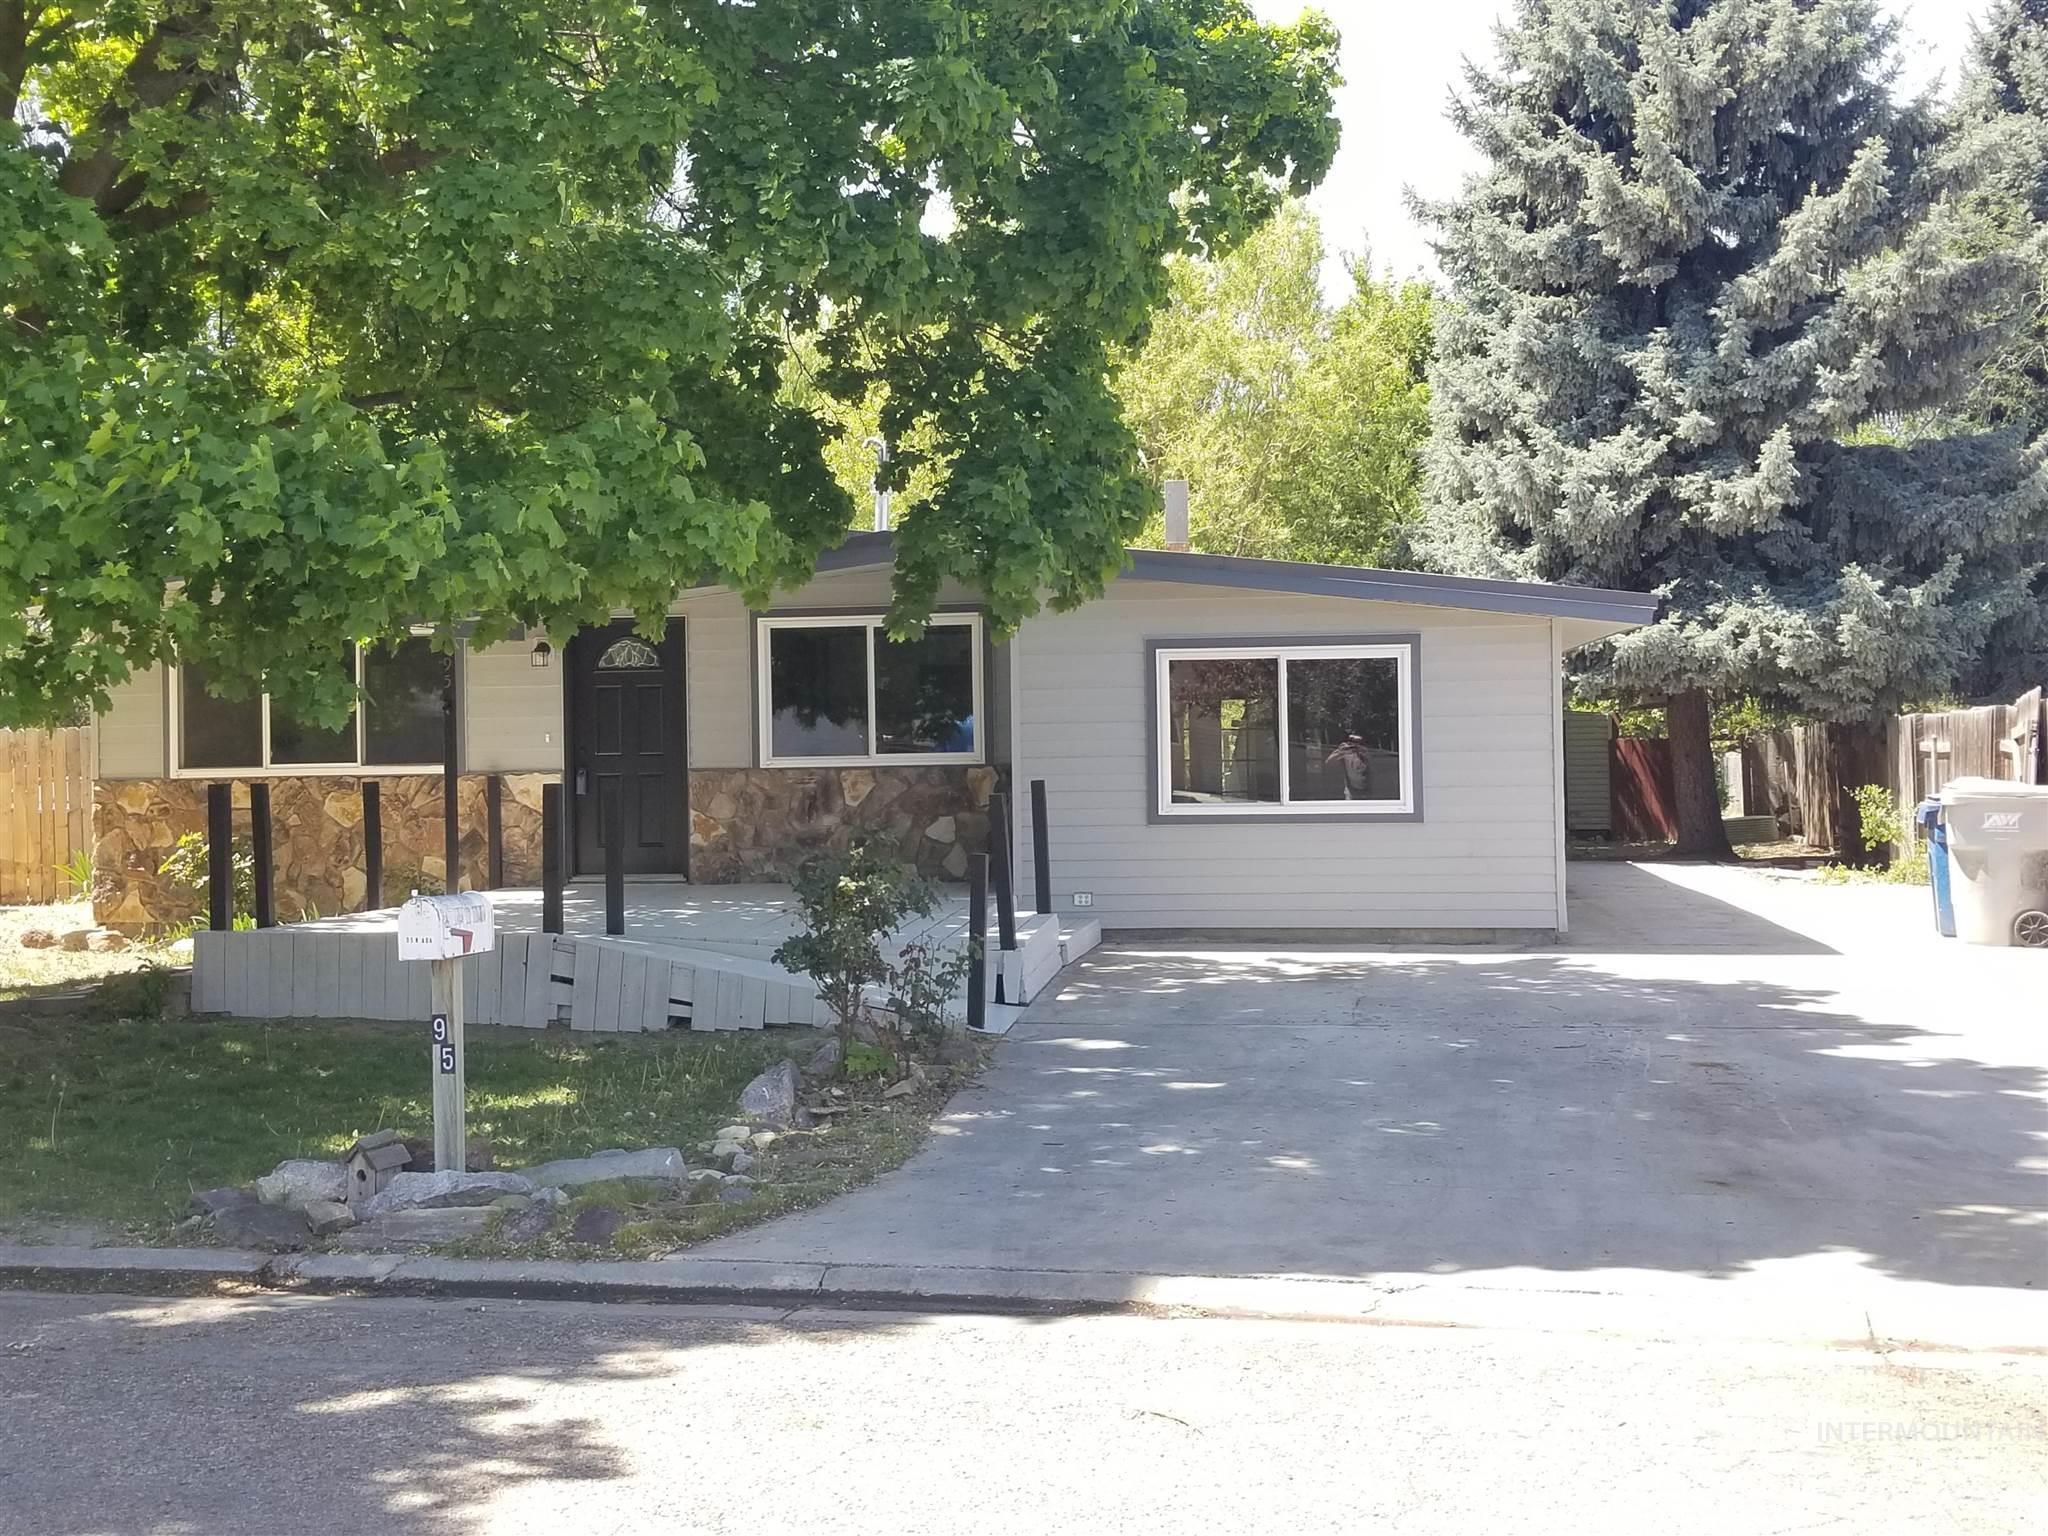 95 N Ada St Property Photo - Nampa, ID real estate listing